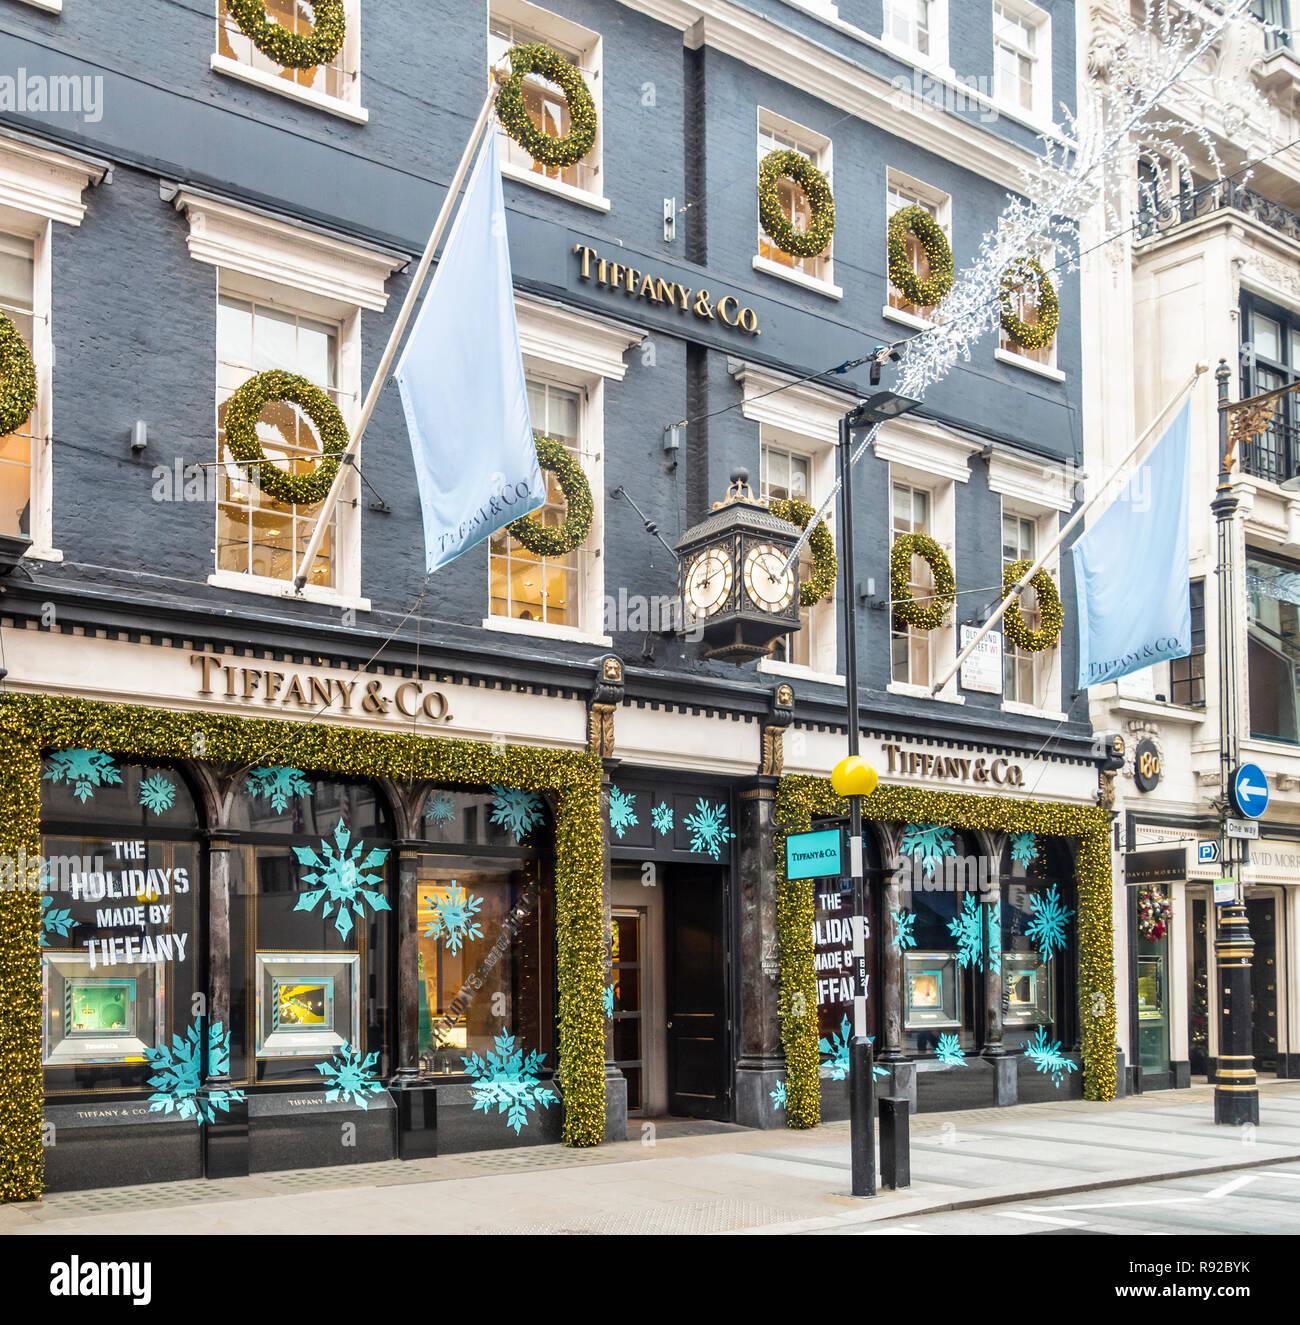 e0e3203ad98 Tiffany London Stock Photos   Tiffany London Stock Images - Alamy